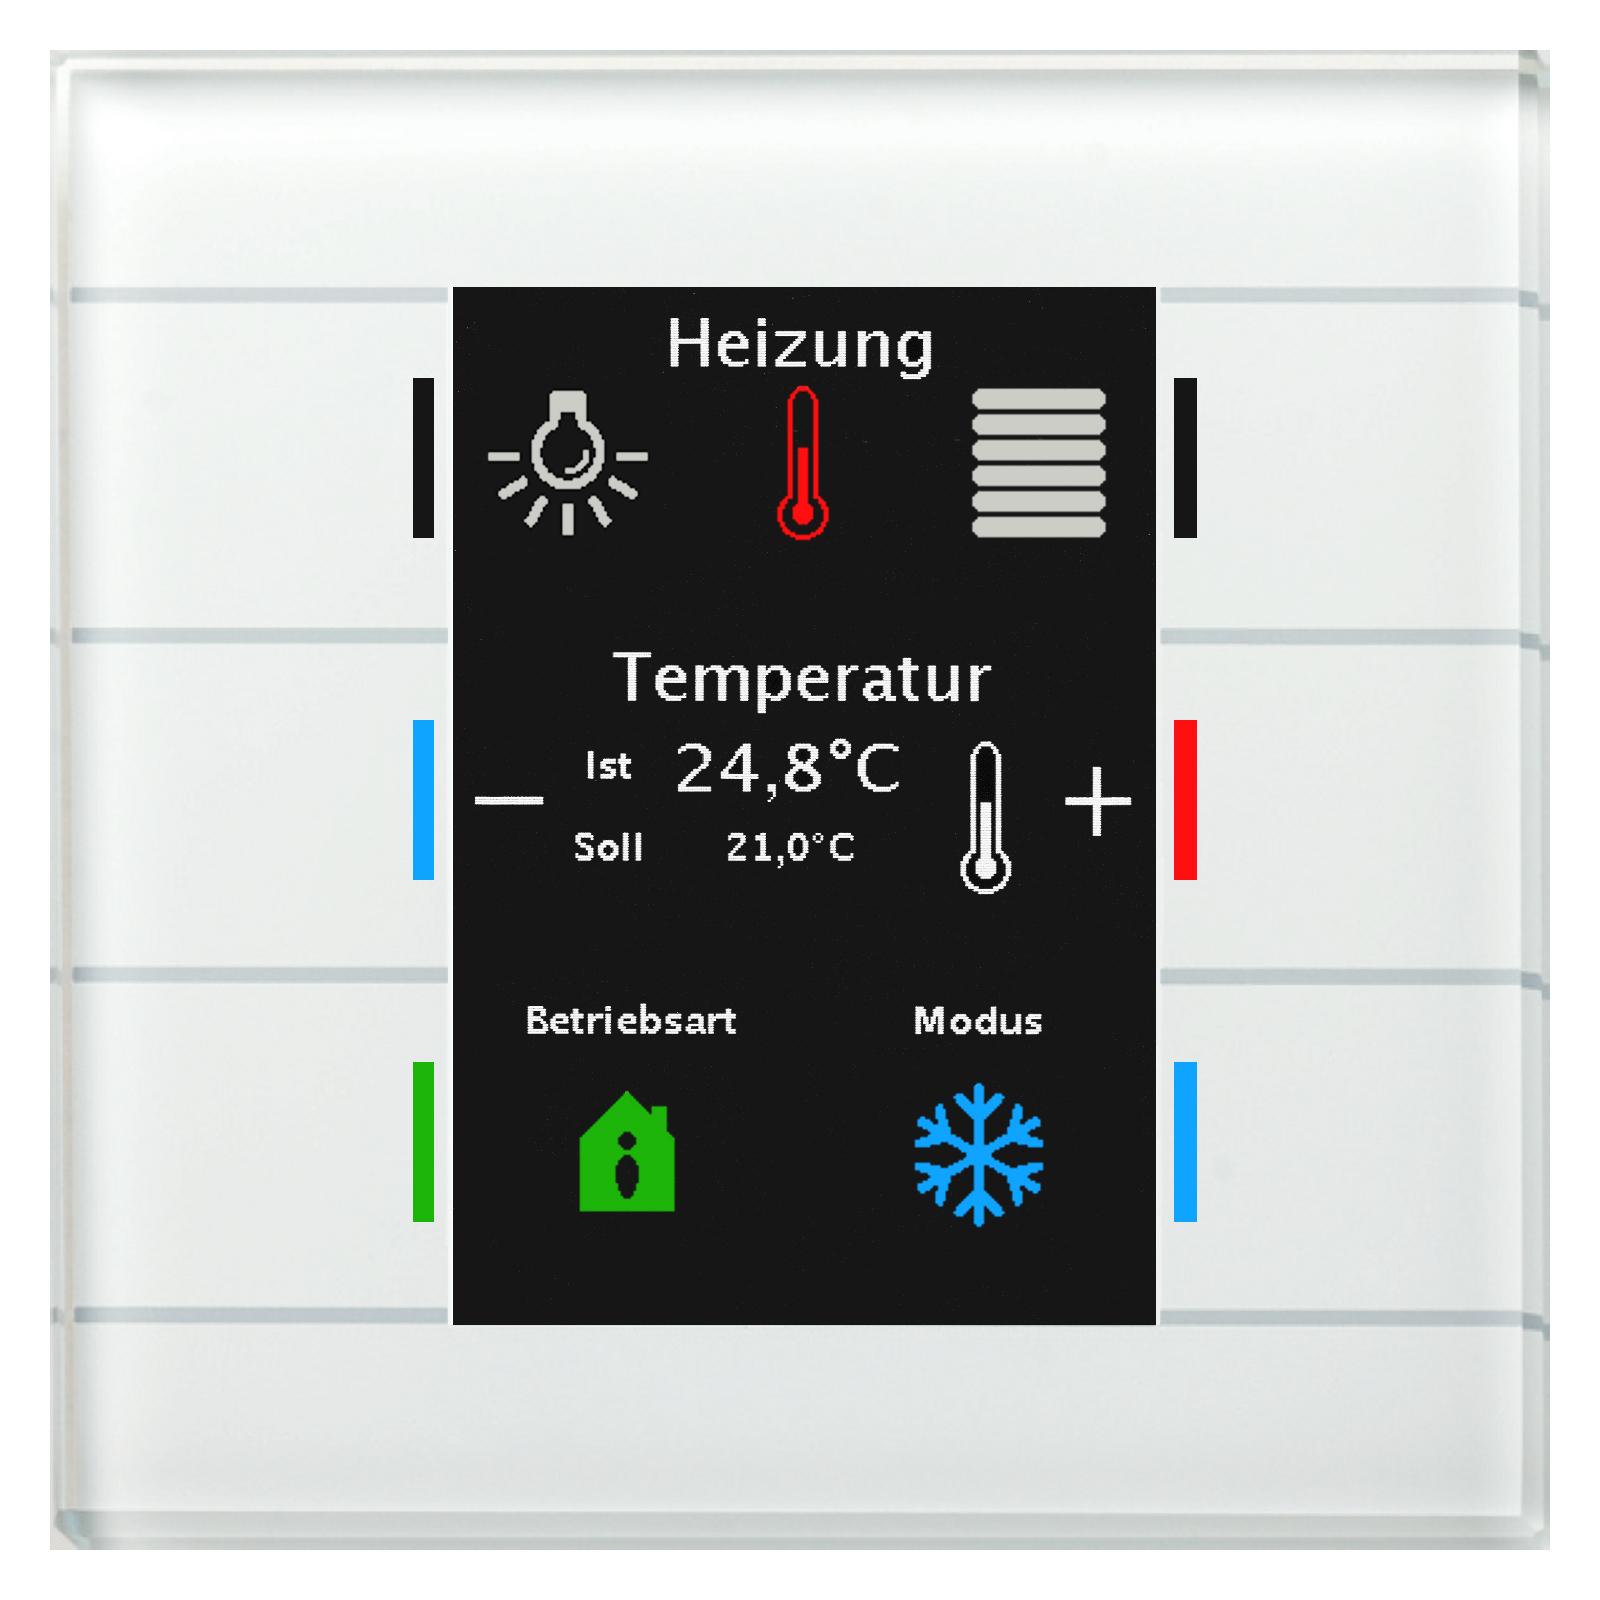 KNX MDT Sammeldeal für Smart Homes - Glastaster II Smart mit Temperatursensor usw.